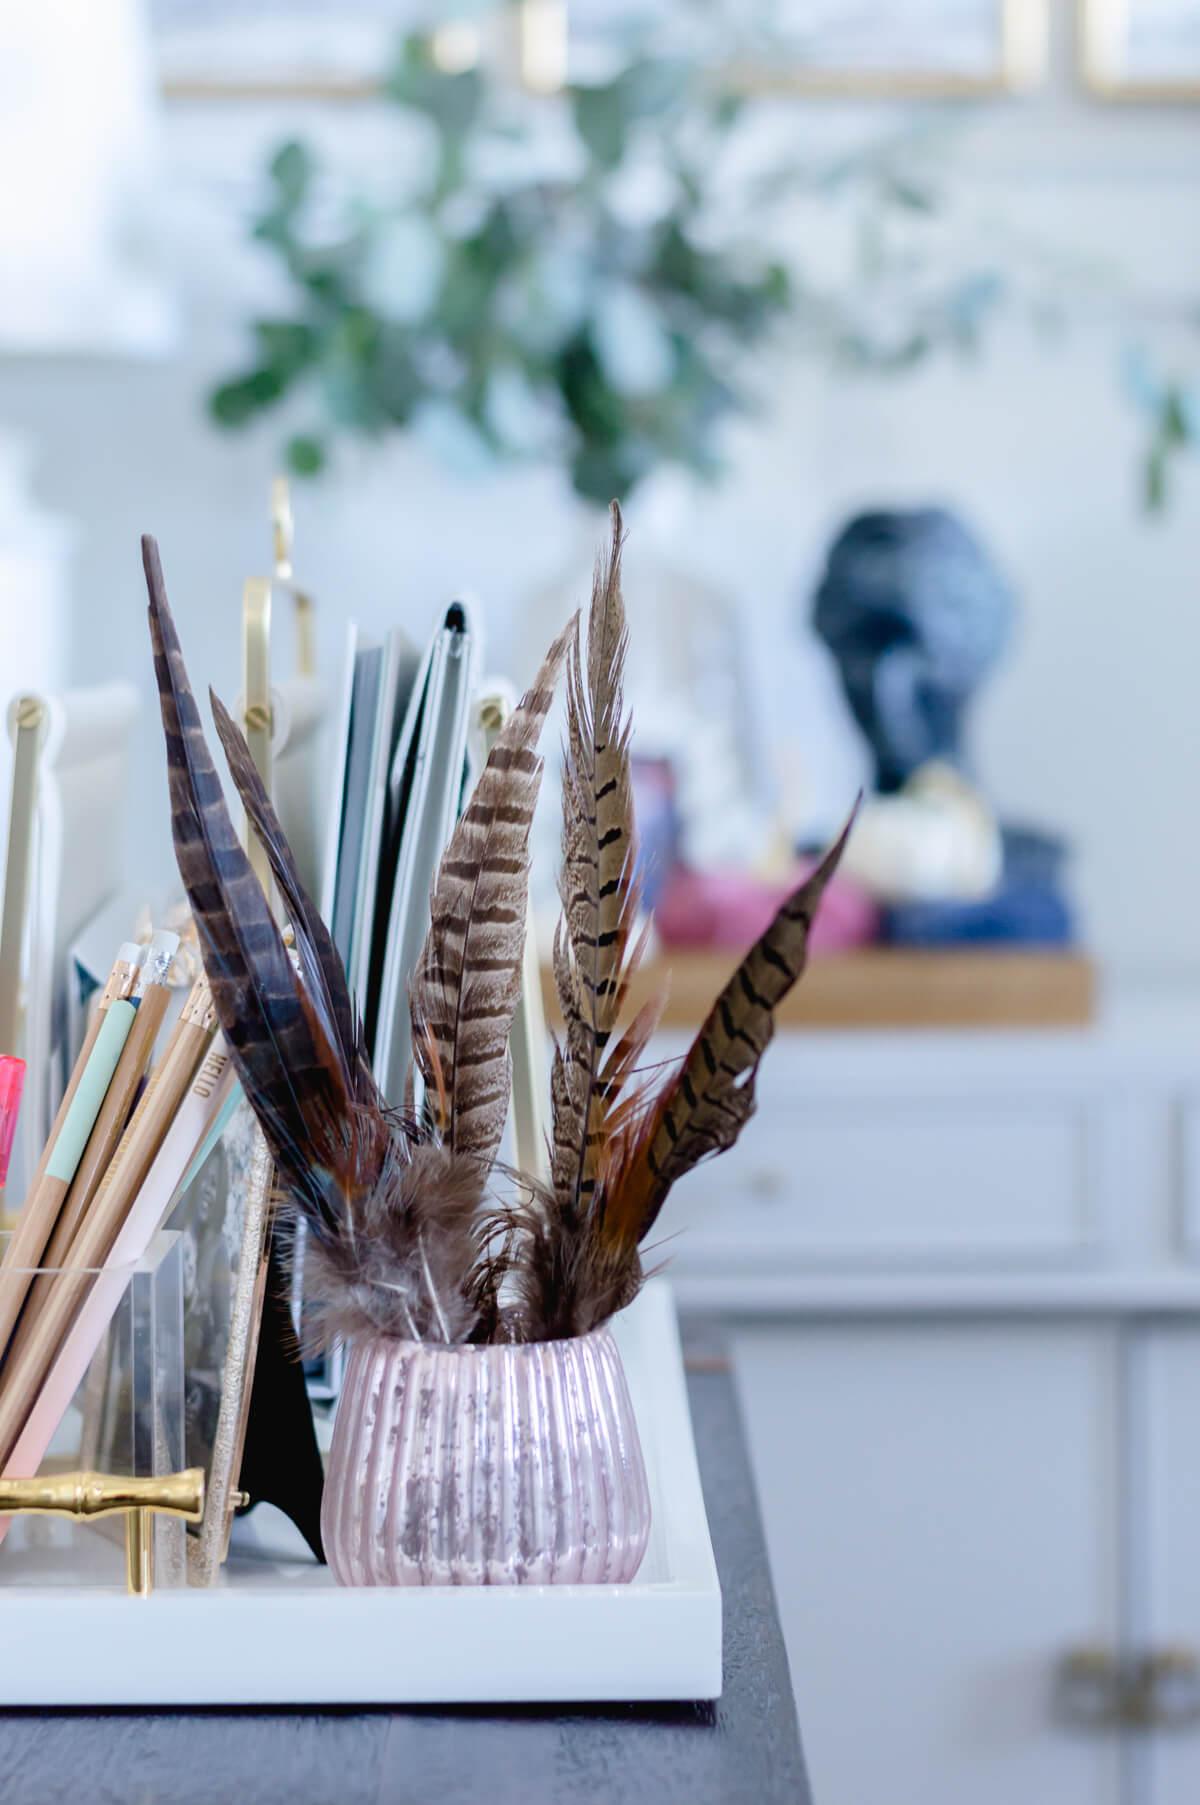 Fall decor feathers | the home i create